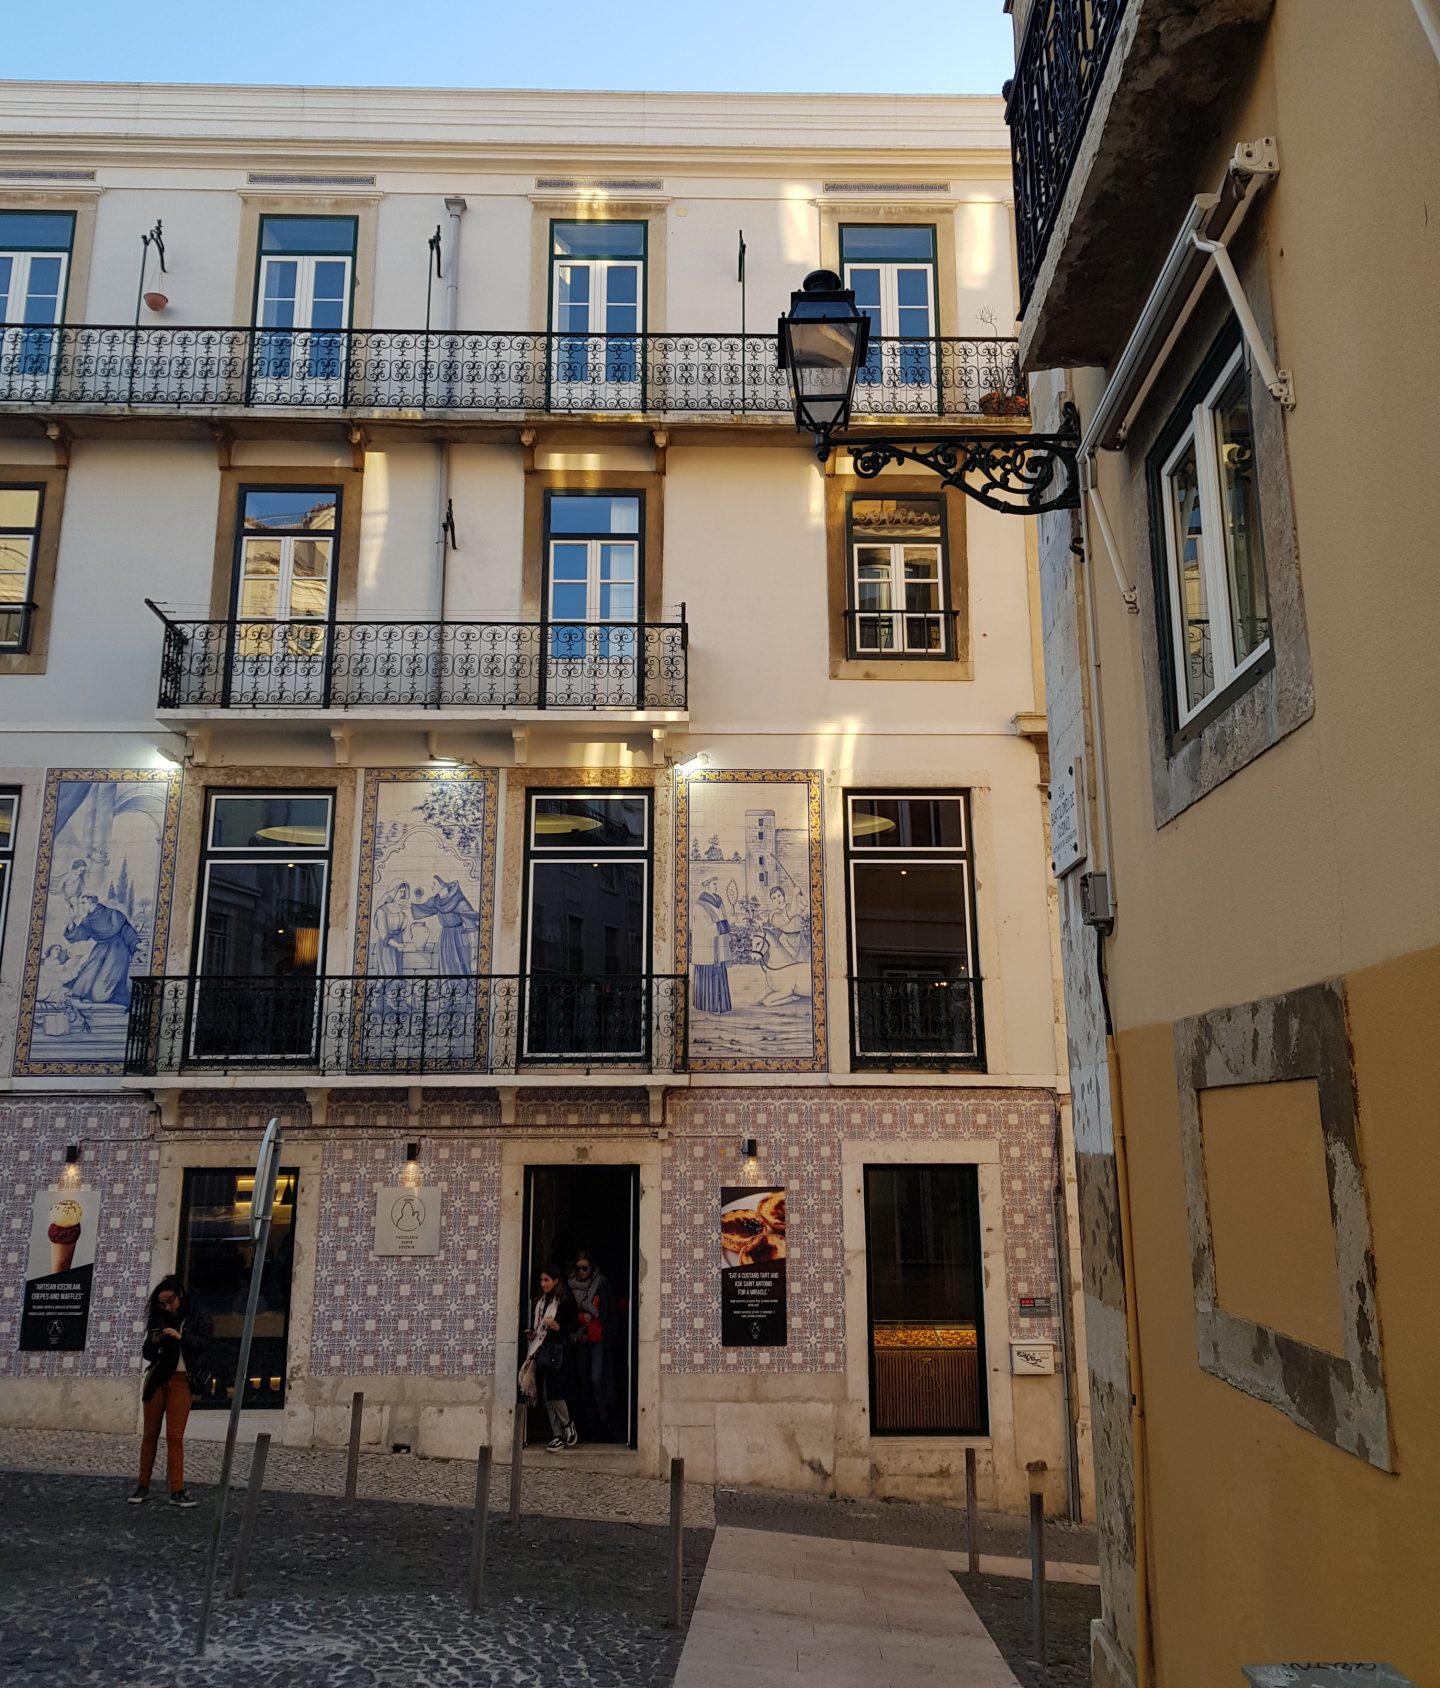 stedentrip naar Lissabon